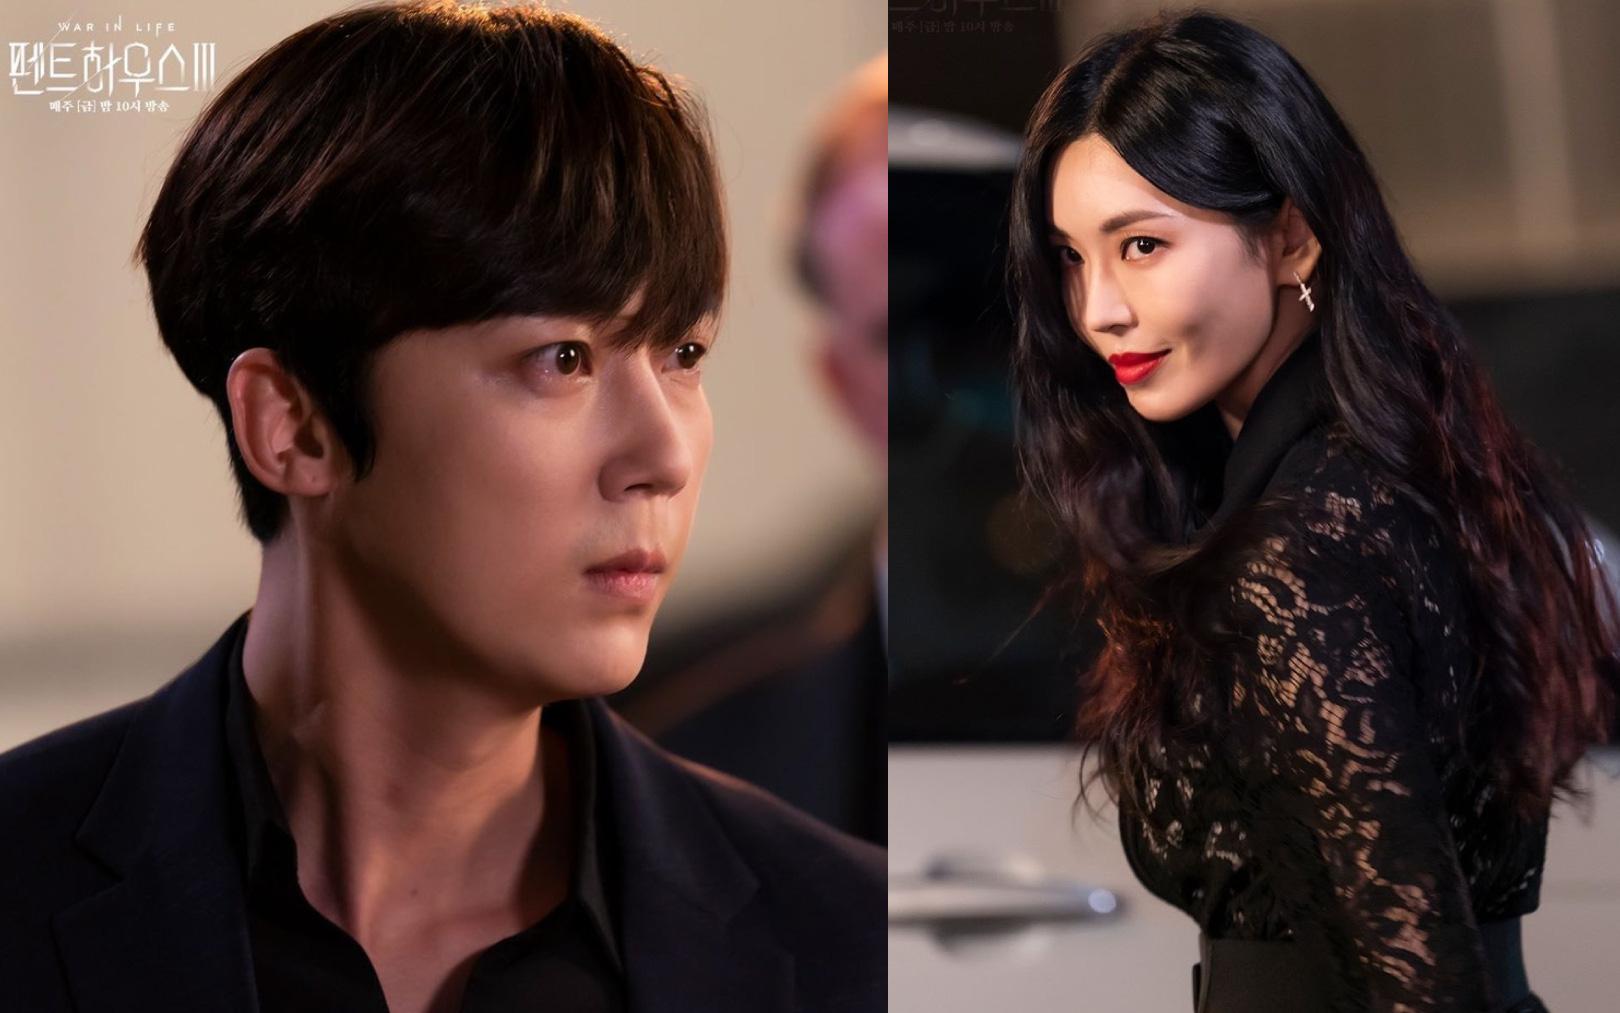 """Cuộc chiến thượng lưu 3 tập 9: Seo Jin lại trở mặt hại chồng cũ Ha Yoon Cheol """"lên bờ xuống ruộng""""?"""